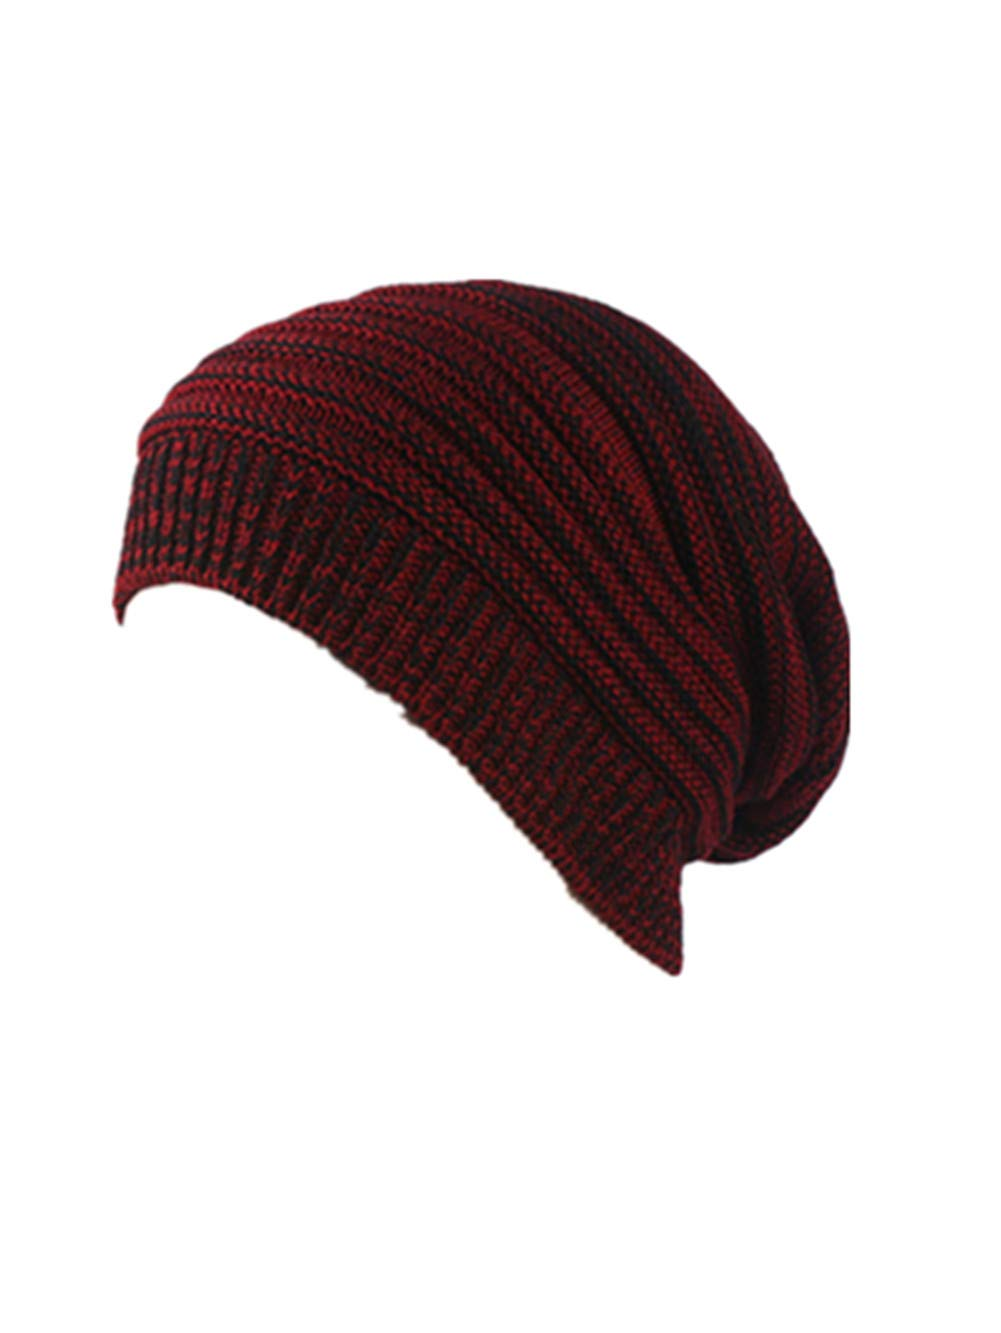 Stillshine Gorros de Invierno Sombrero Cálido Slouchy Sombrero de ...